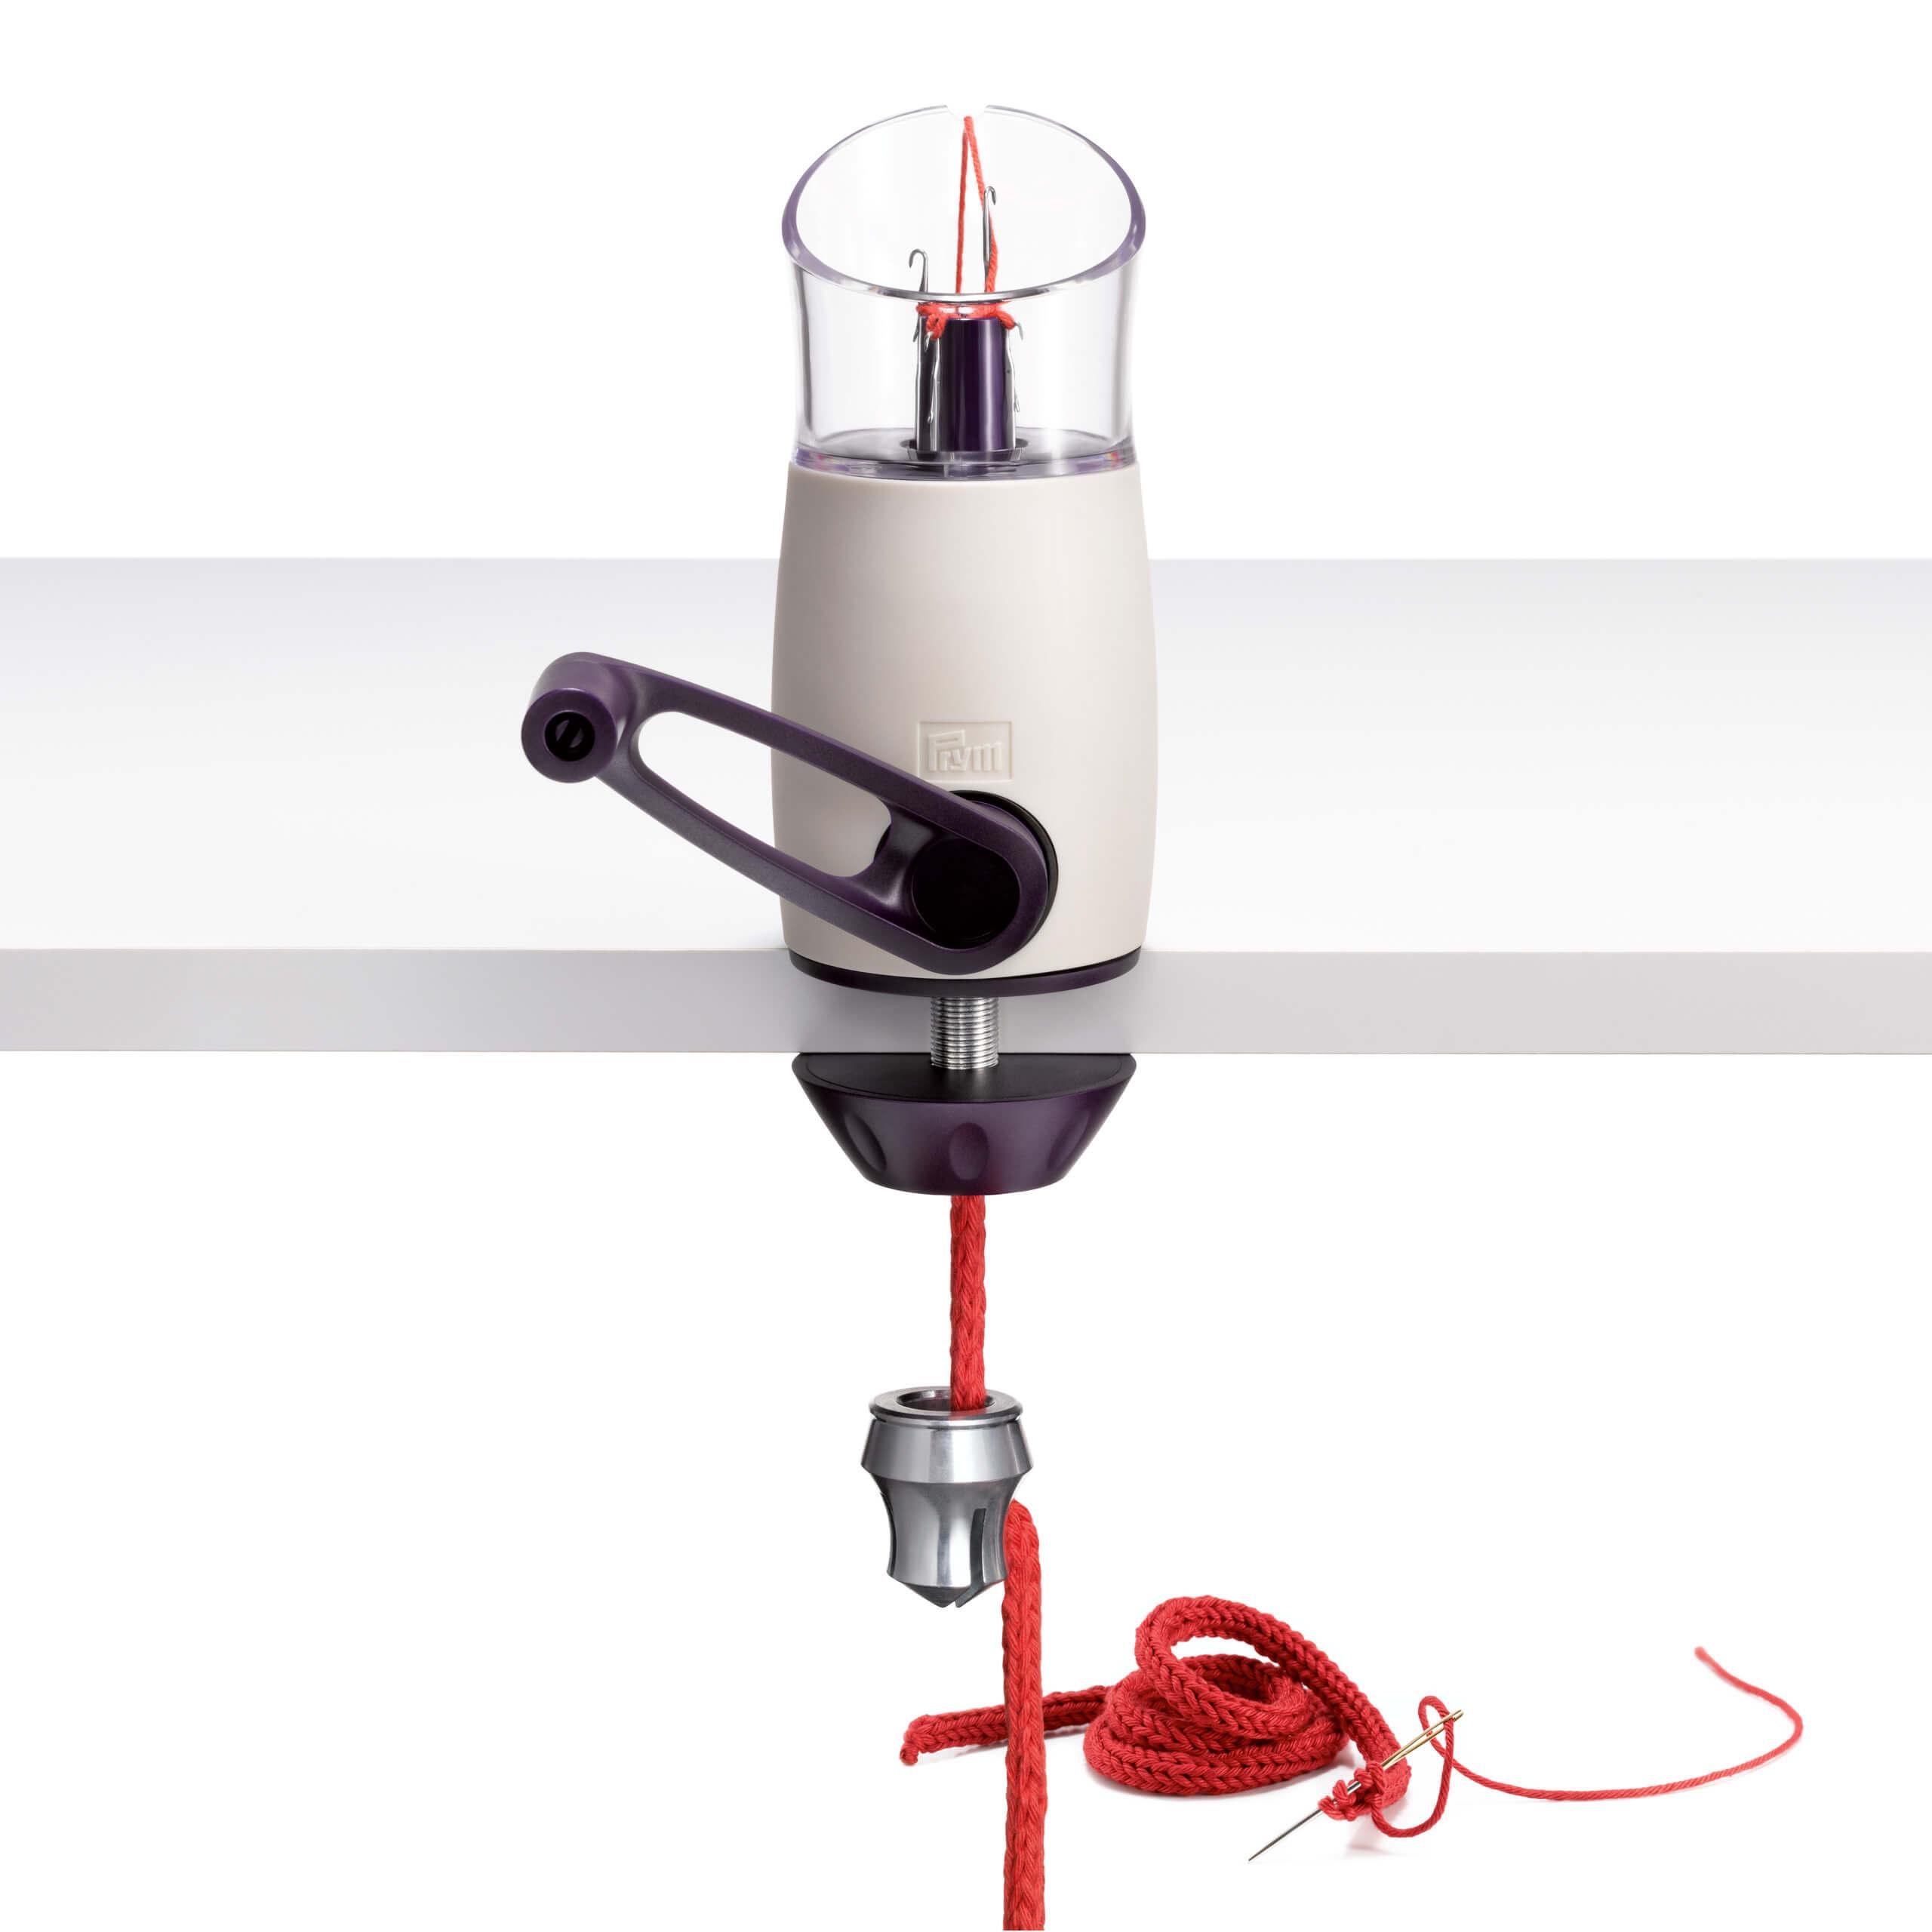 Smart Weaving Loom Strick-Rundwebstuhl mit Dual-Modus 833 Tosuny Strickmaschine DIY-Strickmaschinen Webmaschinen-Webstuhl-Kit f/ür Erwachsene und Kinder